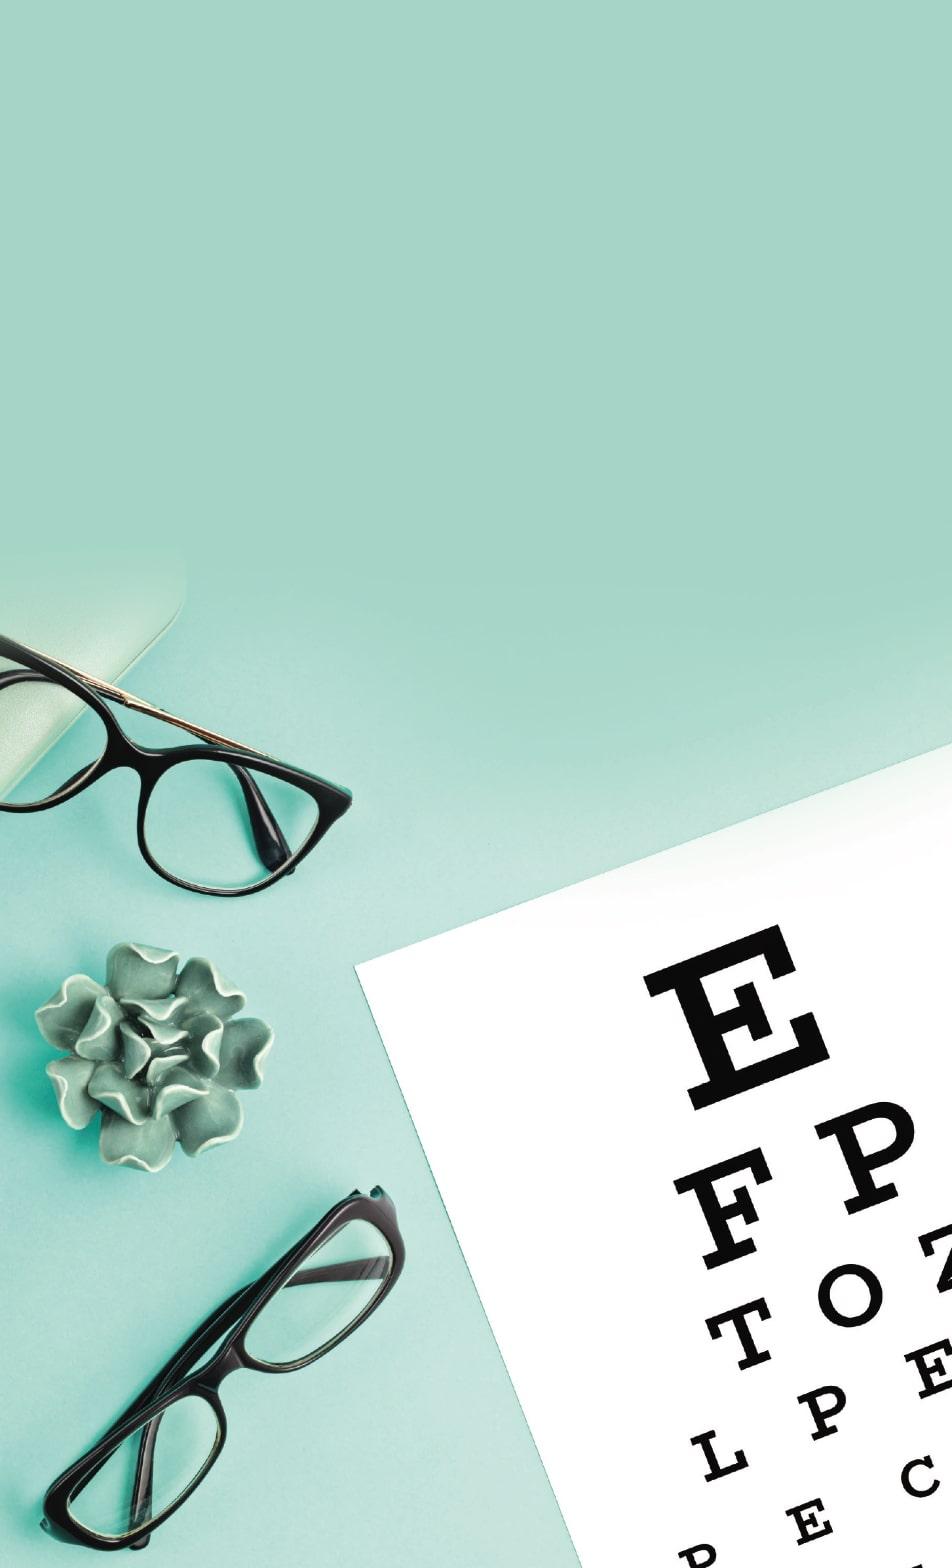 Opticien à domicile : pourquoi faire appel à un opticien à domicile ?